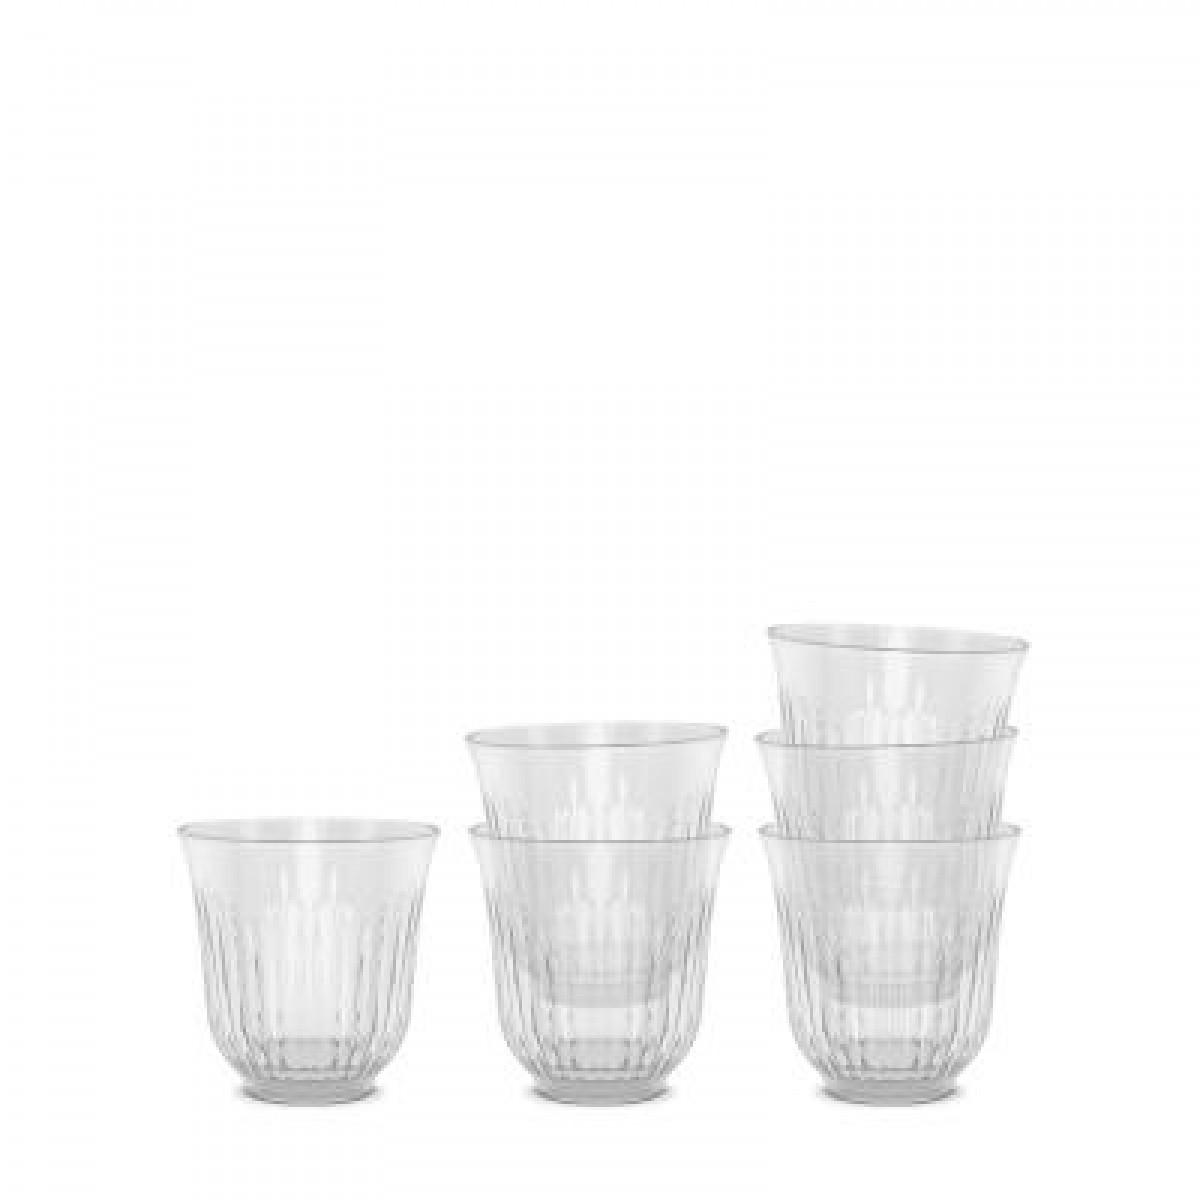 LYNGBY Vandglas 26 cl. 6 stk